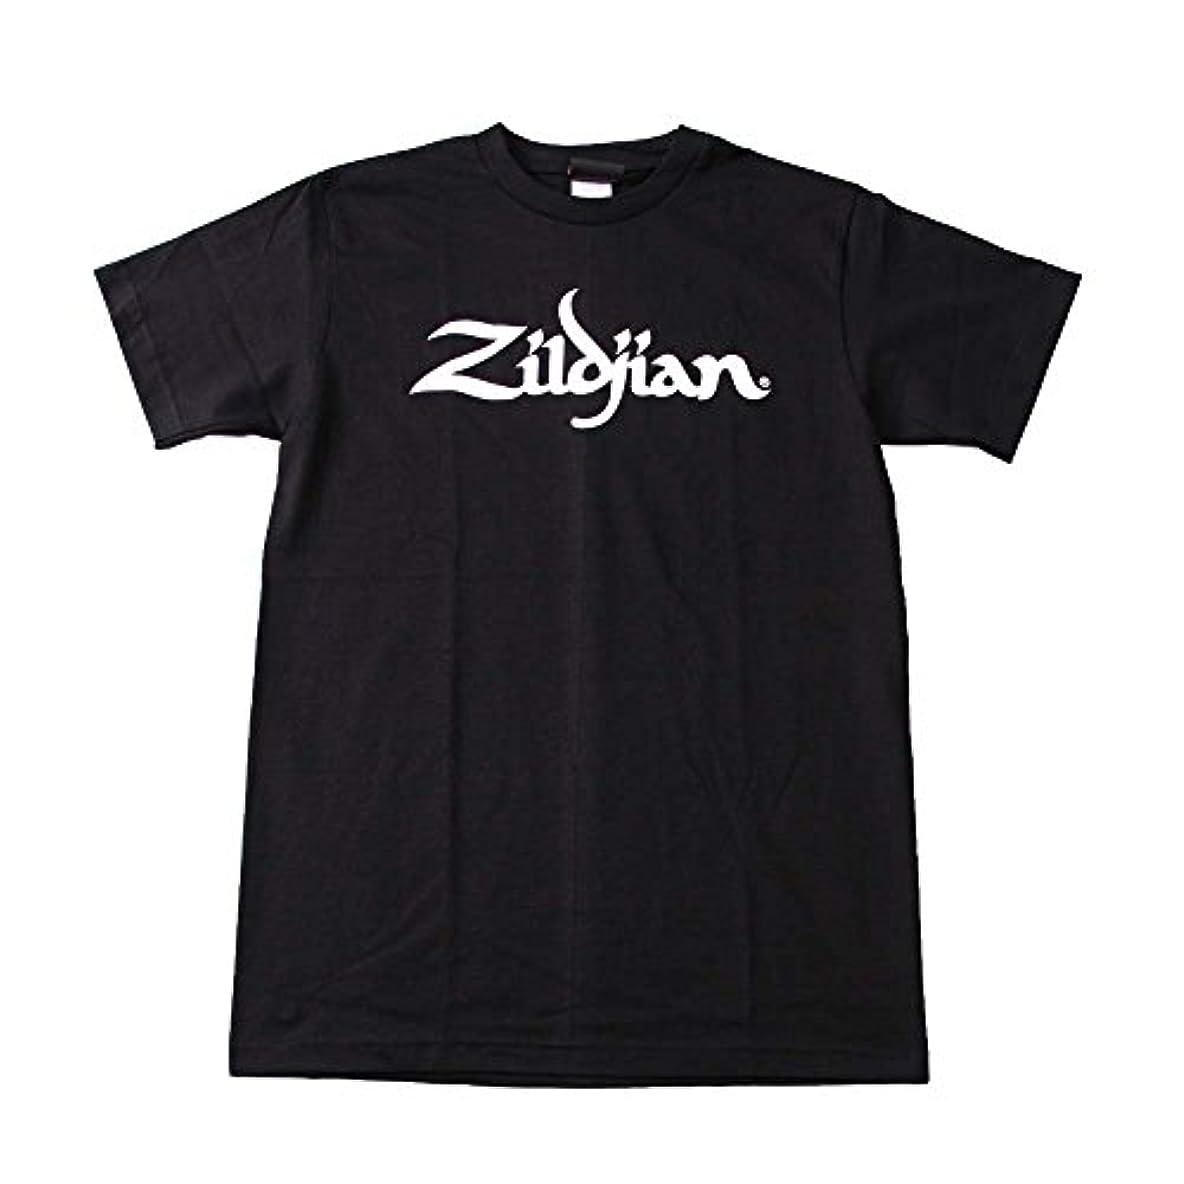 独特の放射能負担(ファーストライン) FIRST-LINE (W) ジルジャン ZILDJIAN 2 BLK S/S